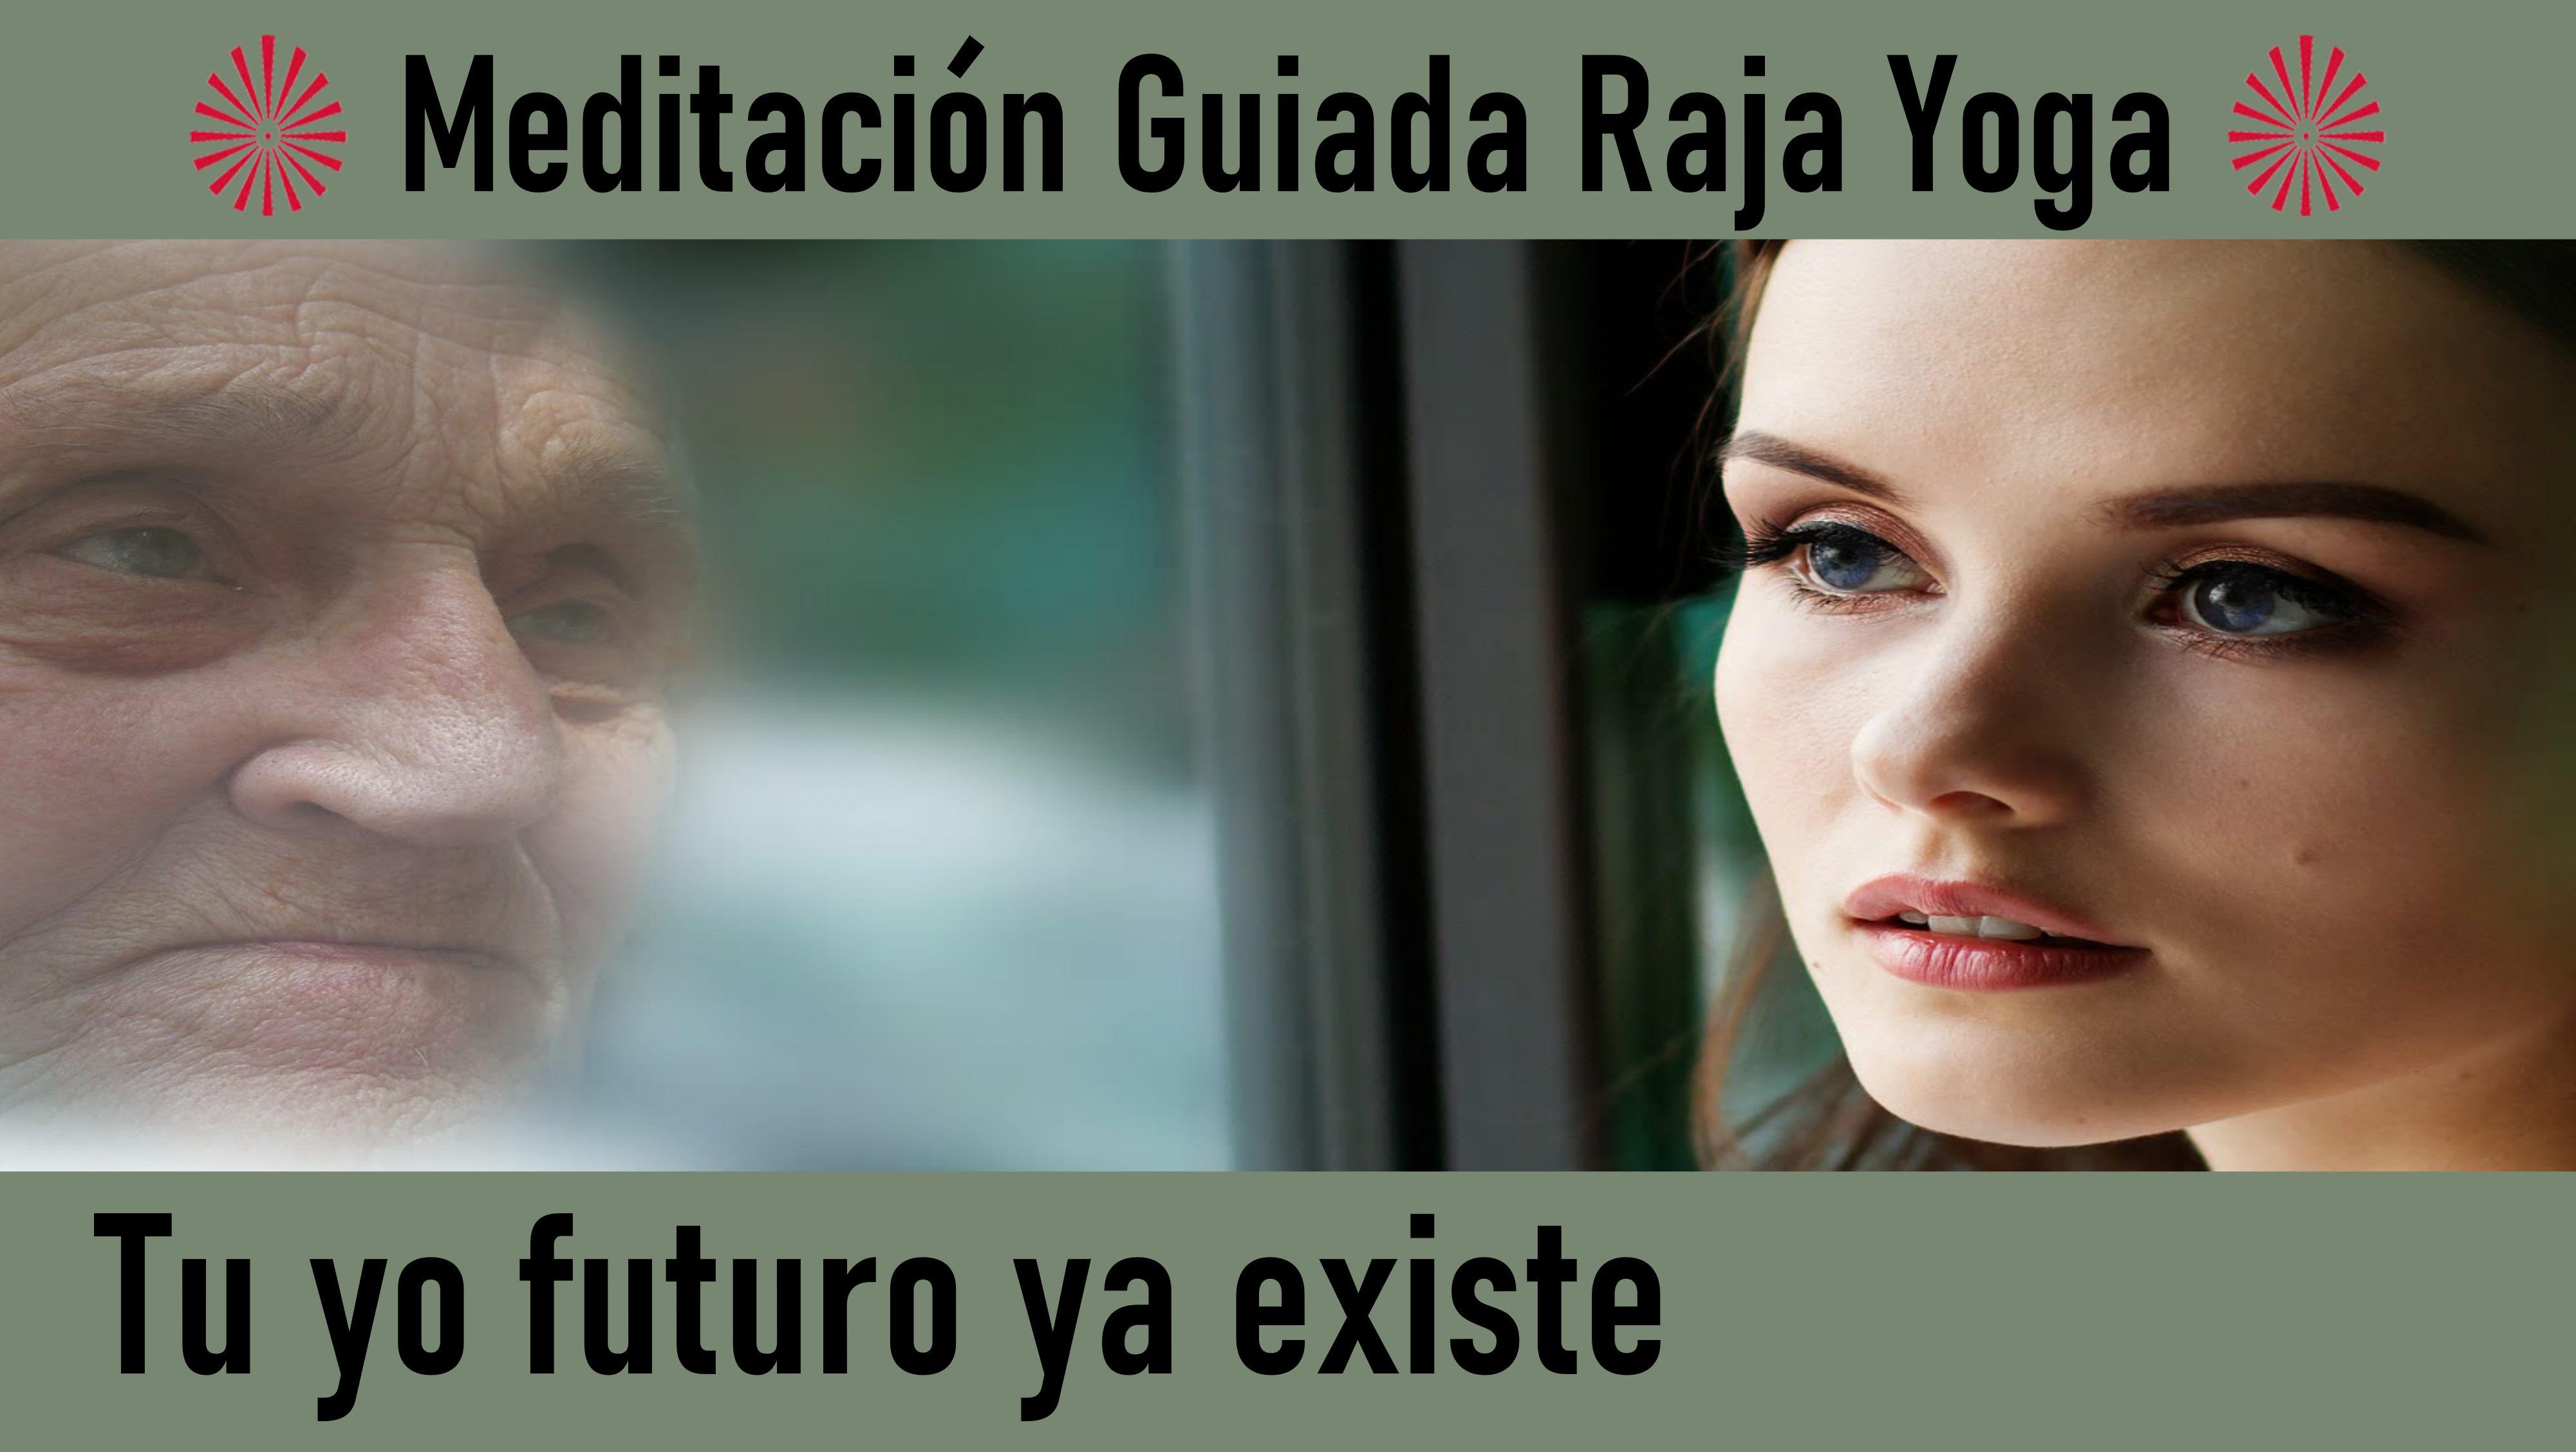 Meditación Raja Yoga: Tu yo futuro ya existe (10 Agosto 2020) On-line desde Madrid